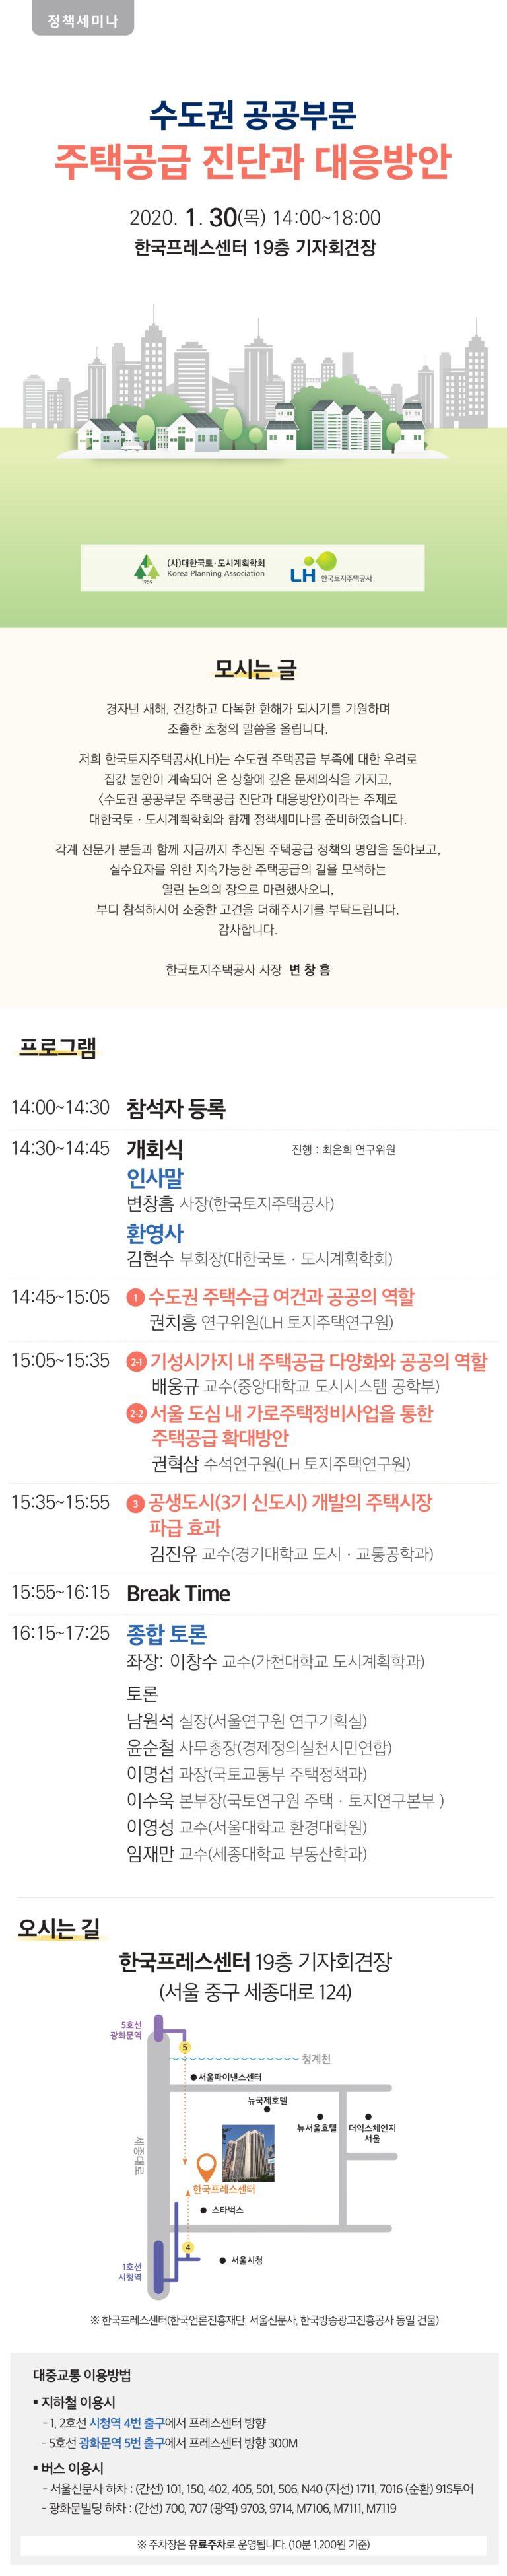 [한국토지주택공사] 수도권 공공부문 주택공급 진단과 대응방안 정책세미나 개최